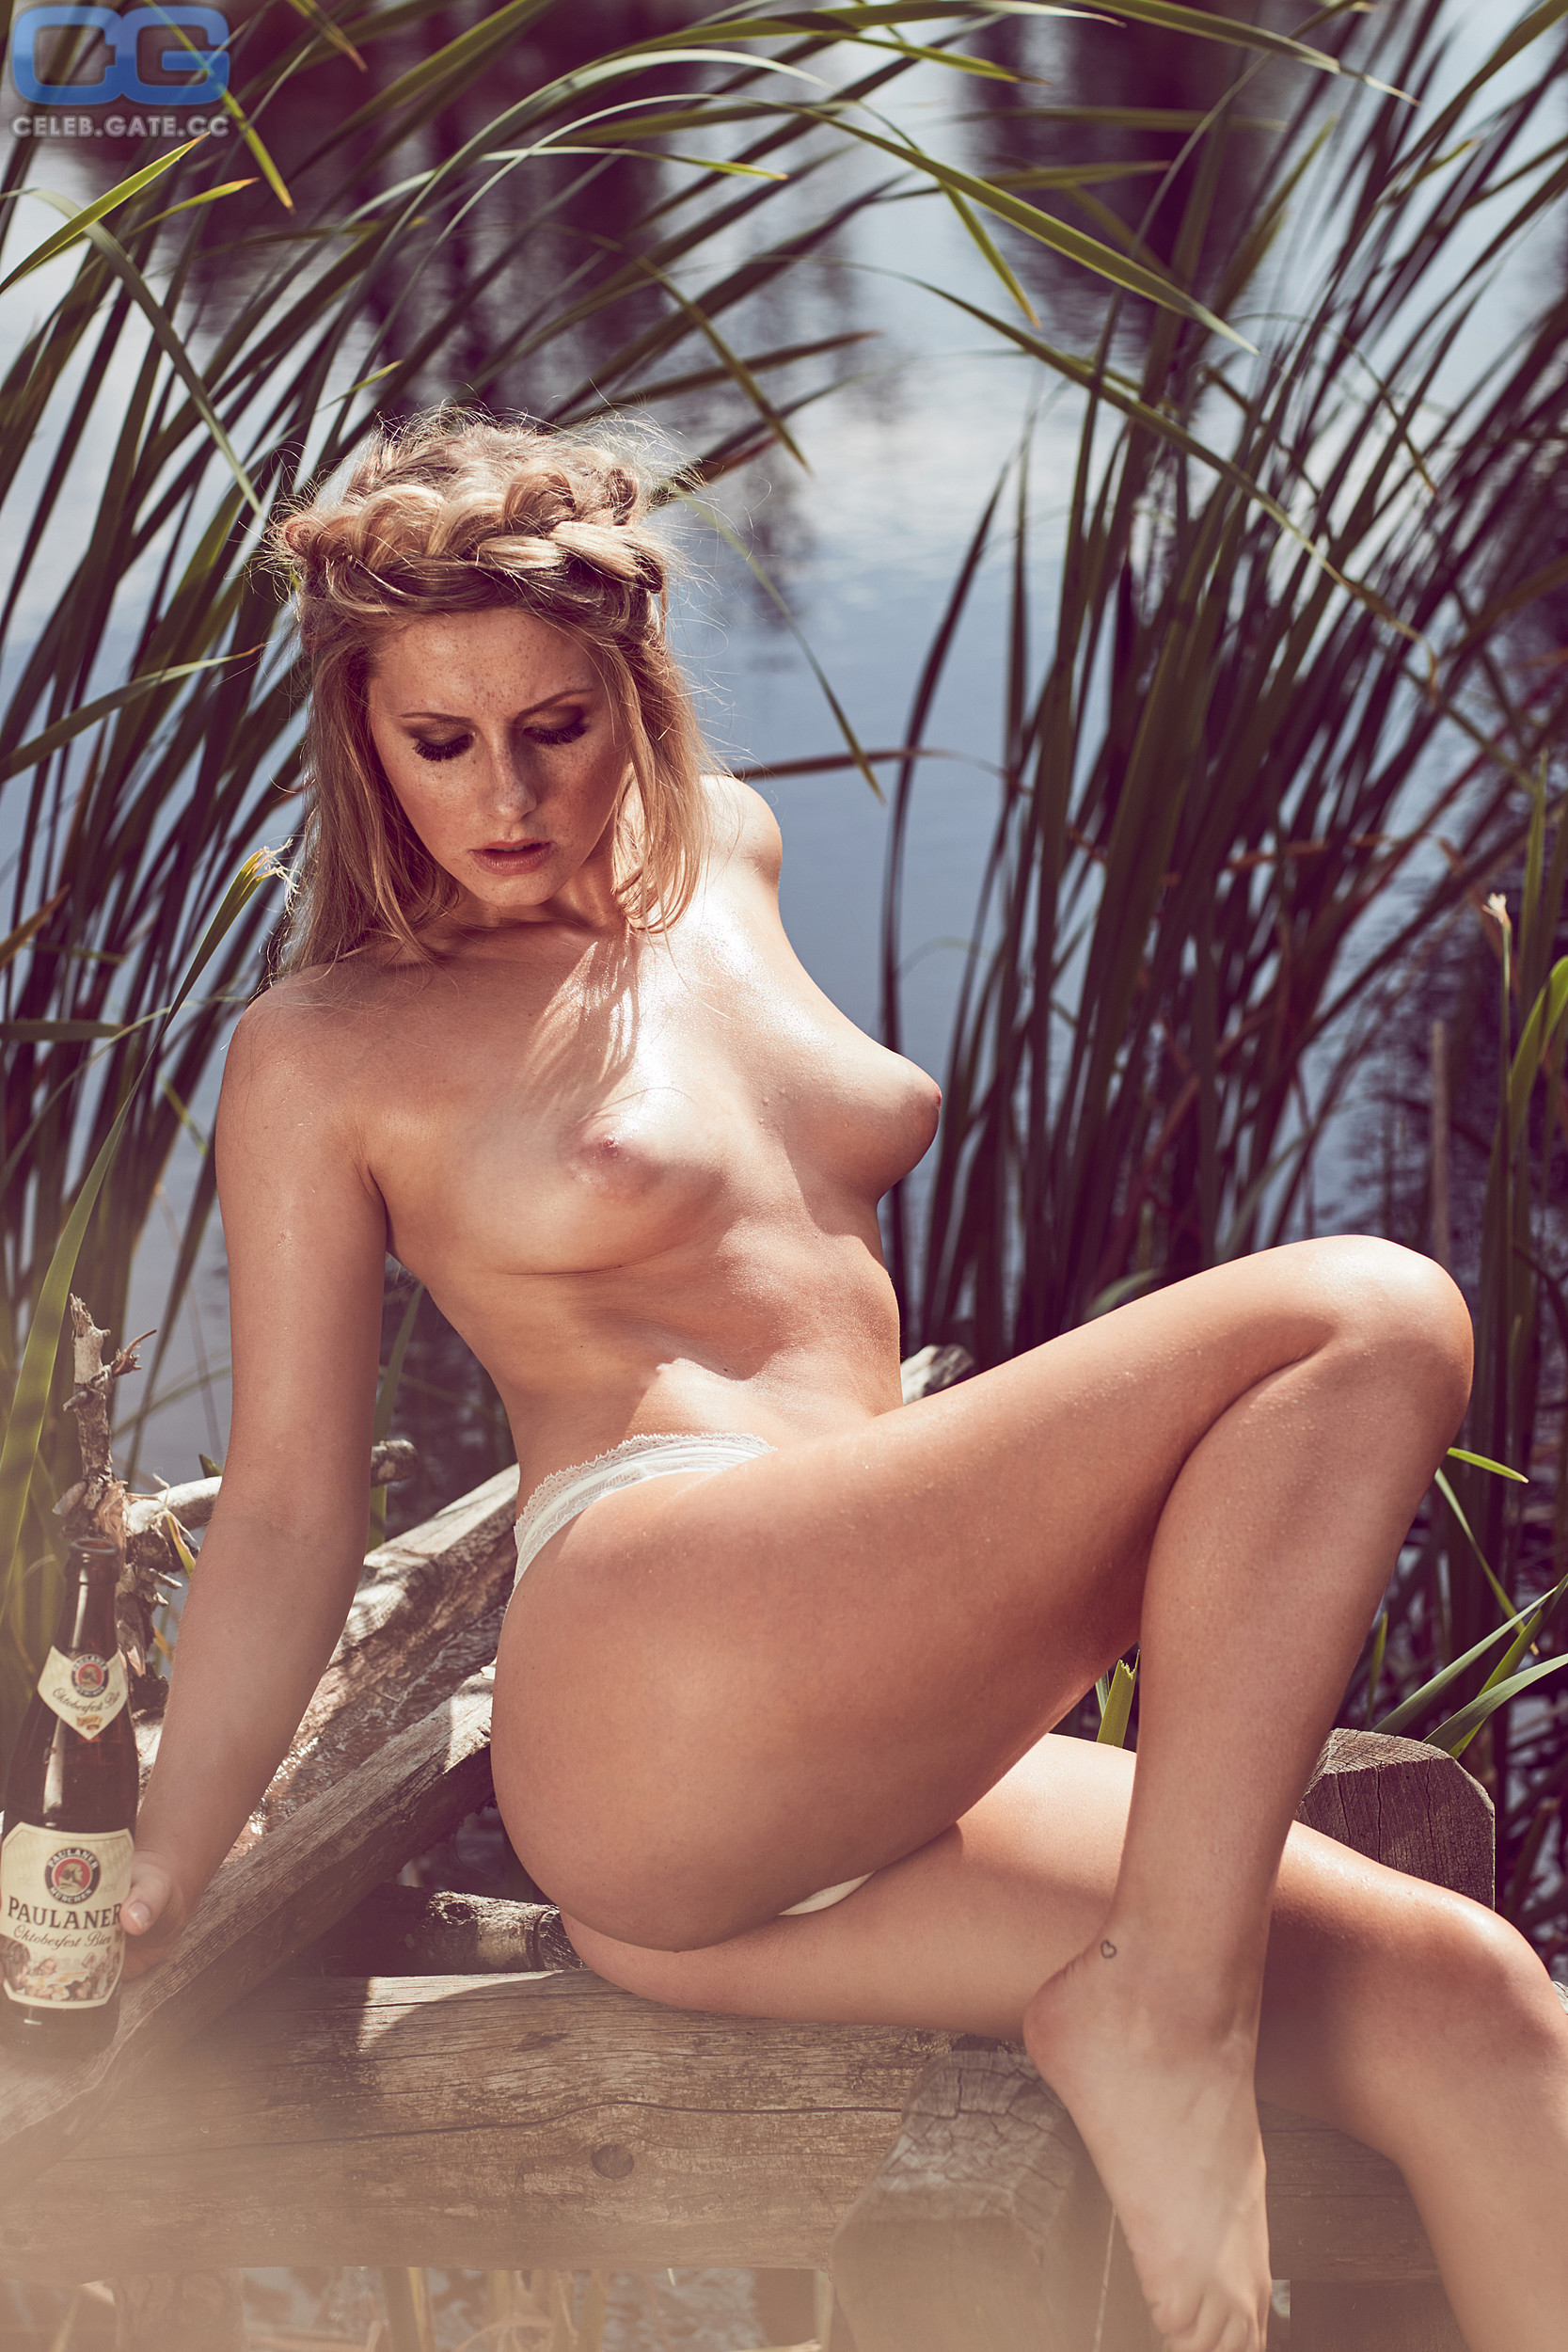 Patrizia dinkel naked